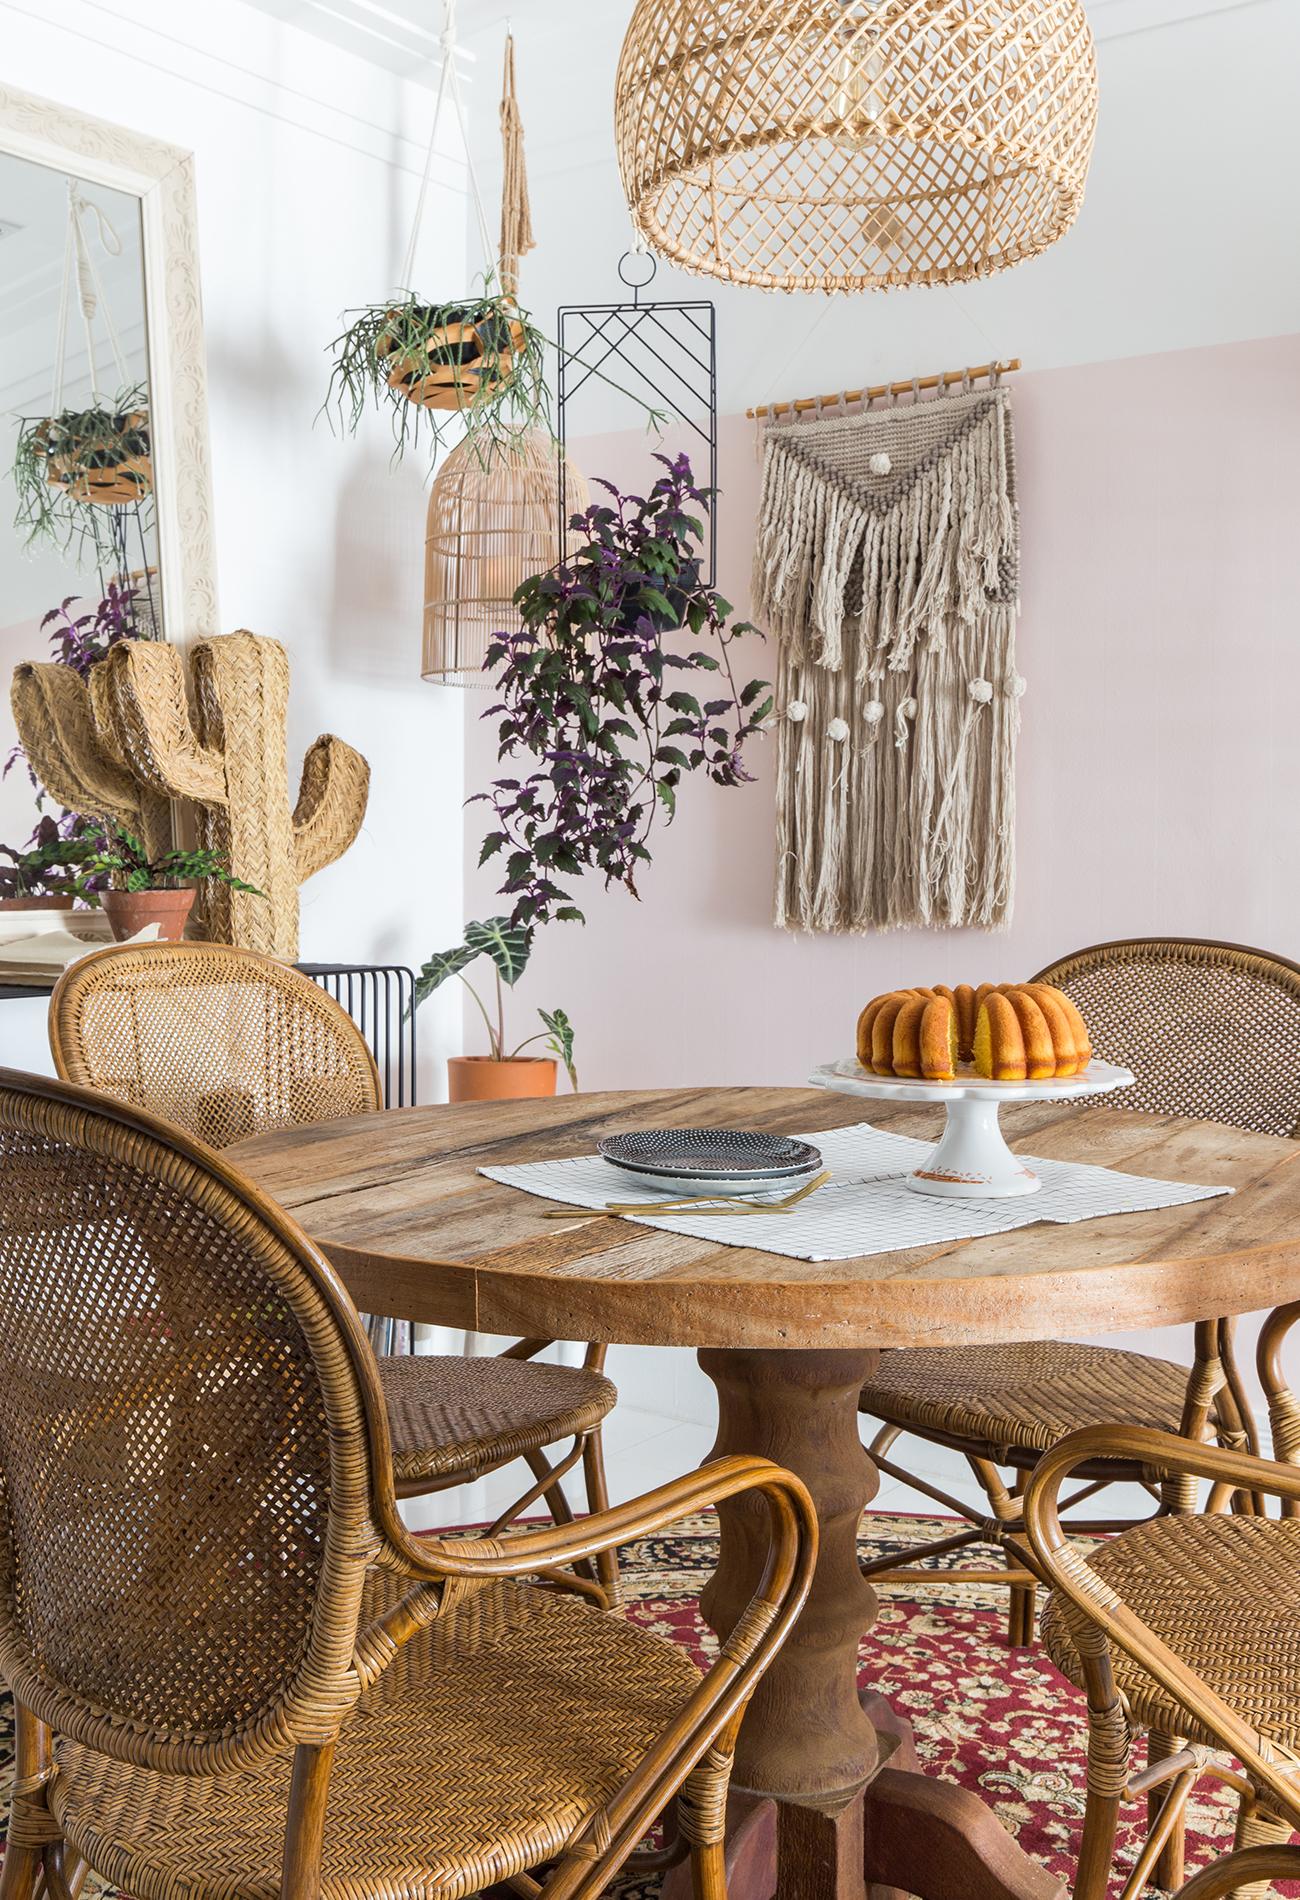 ju-cosi-decoração-sala-jantar-mesa-madeira-e-cadeiras-palha